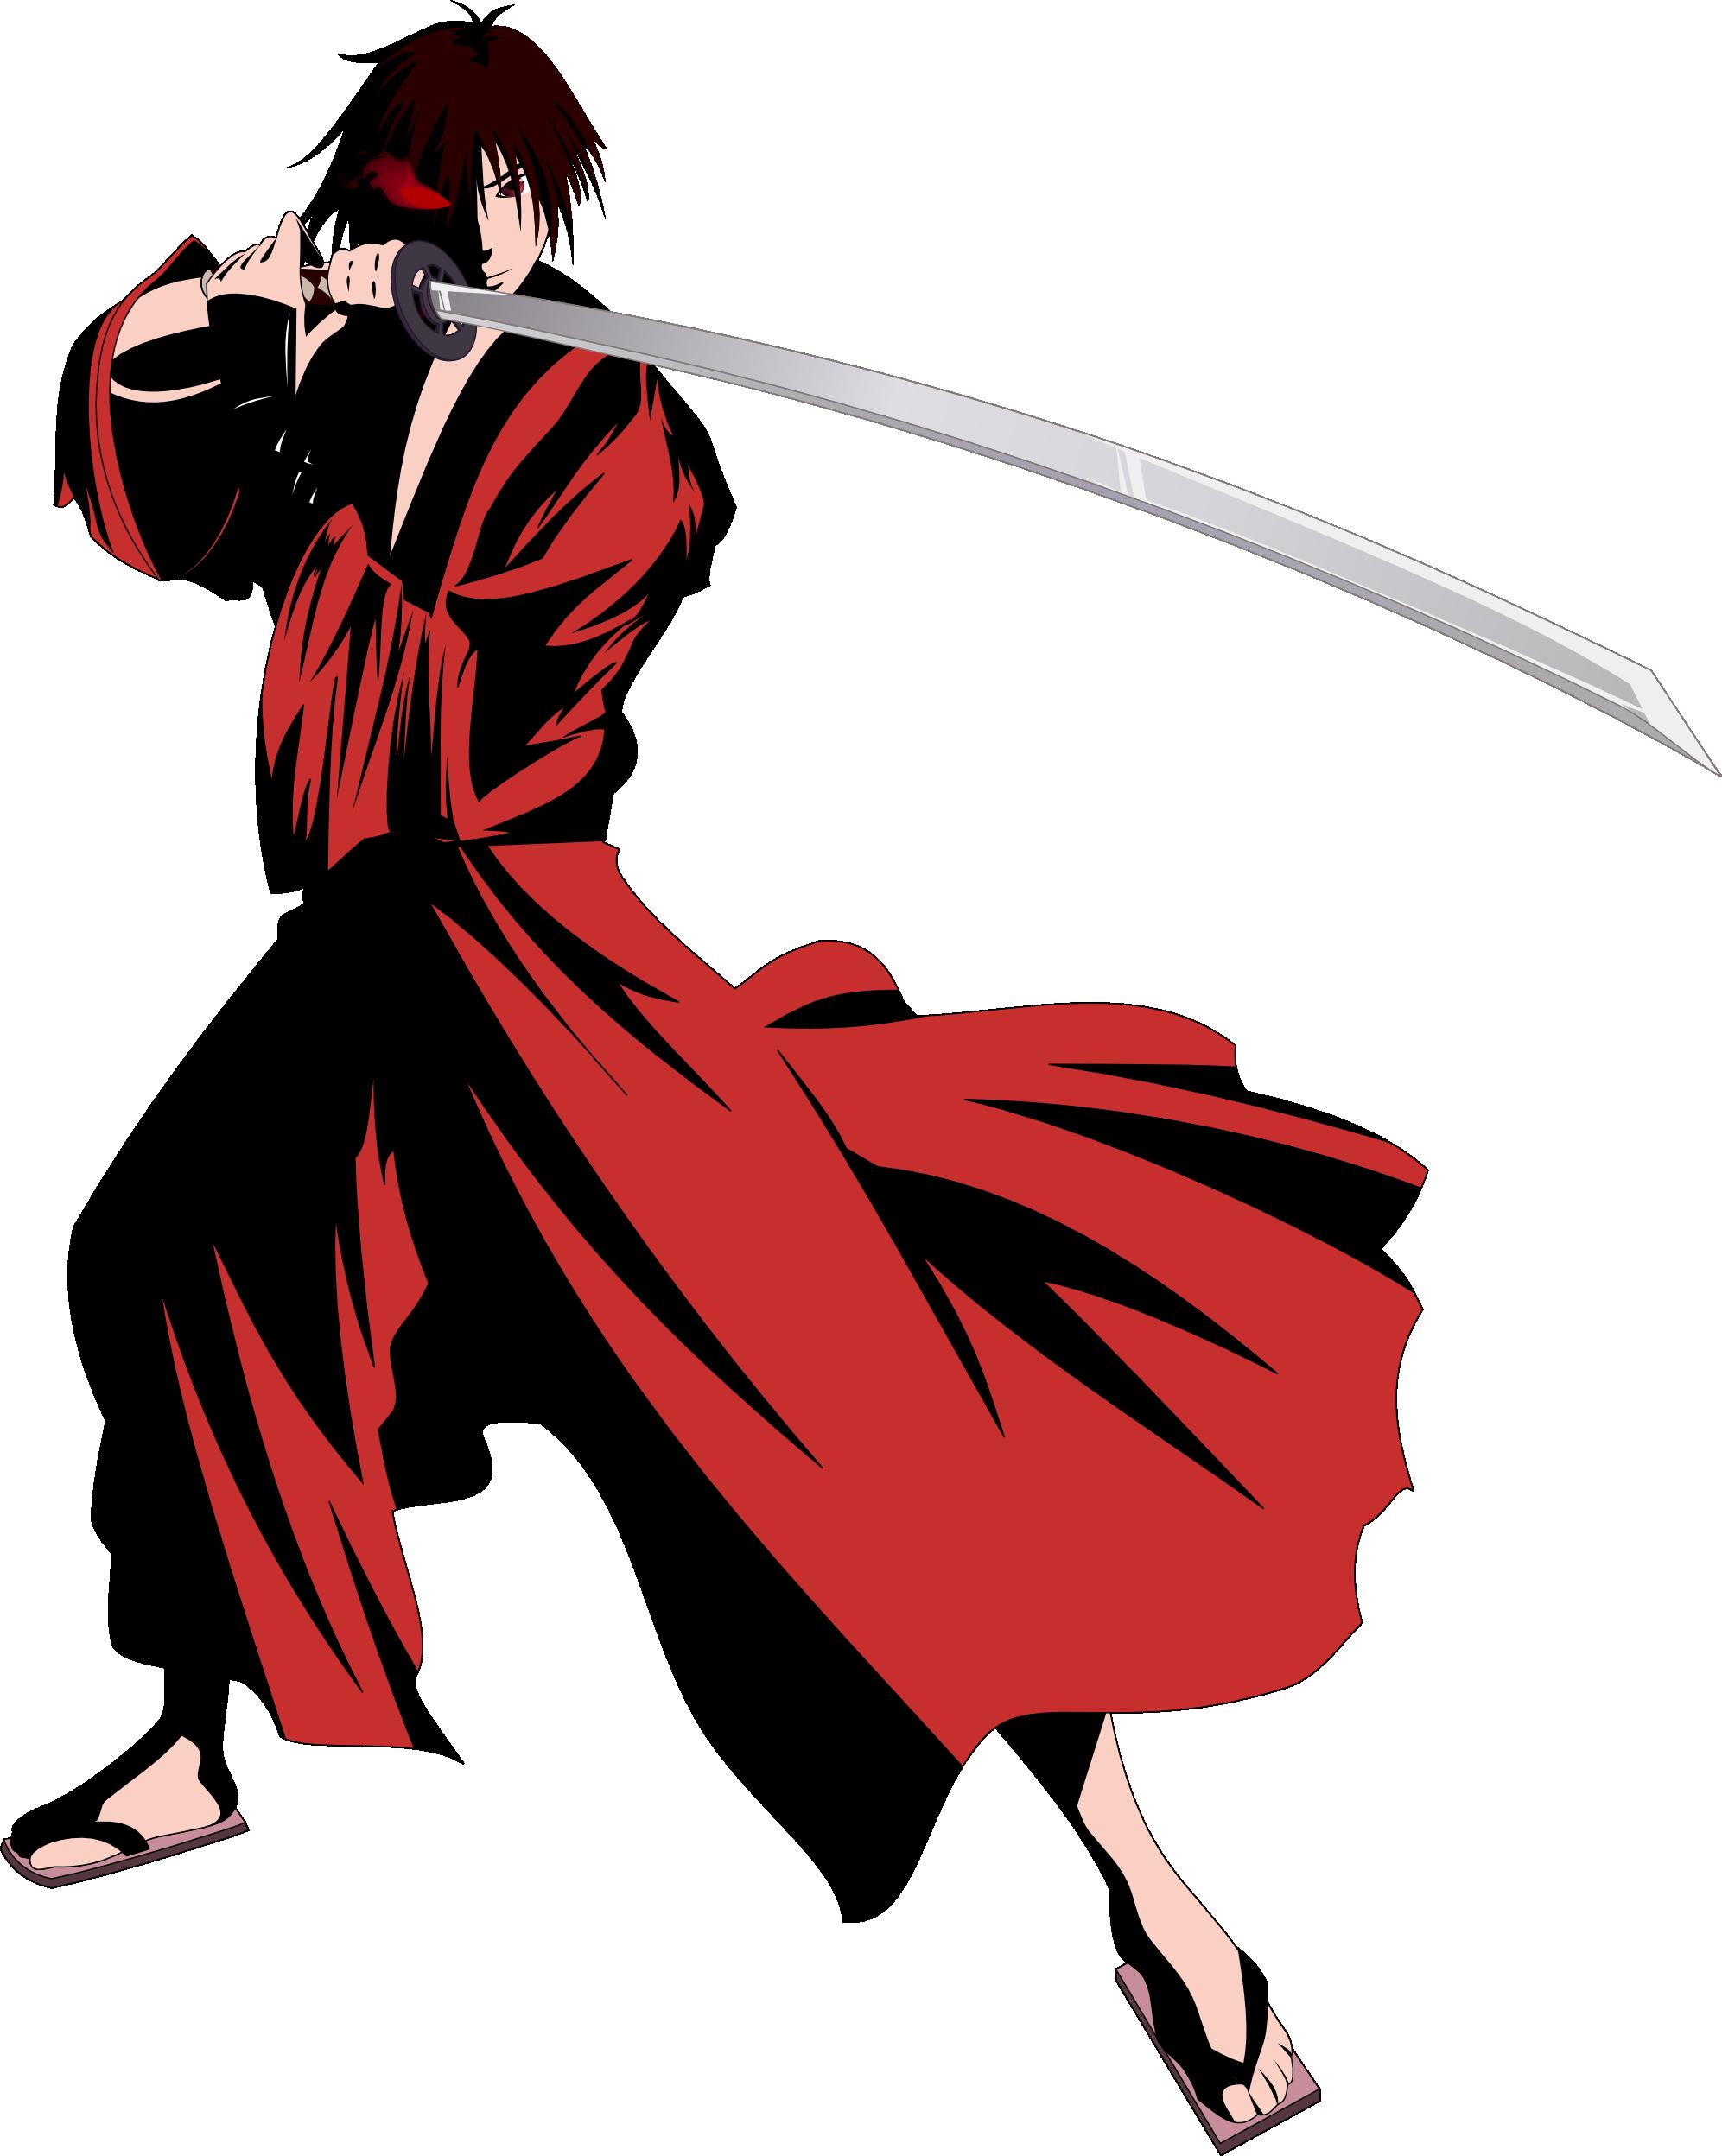 Самурай. - Изображение 1